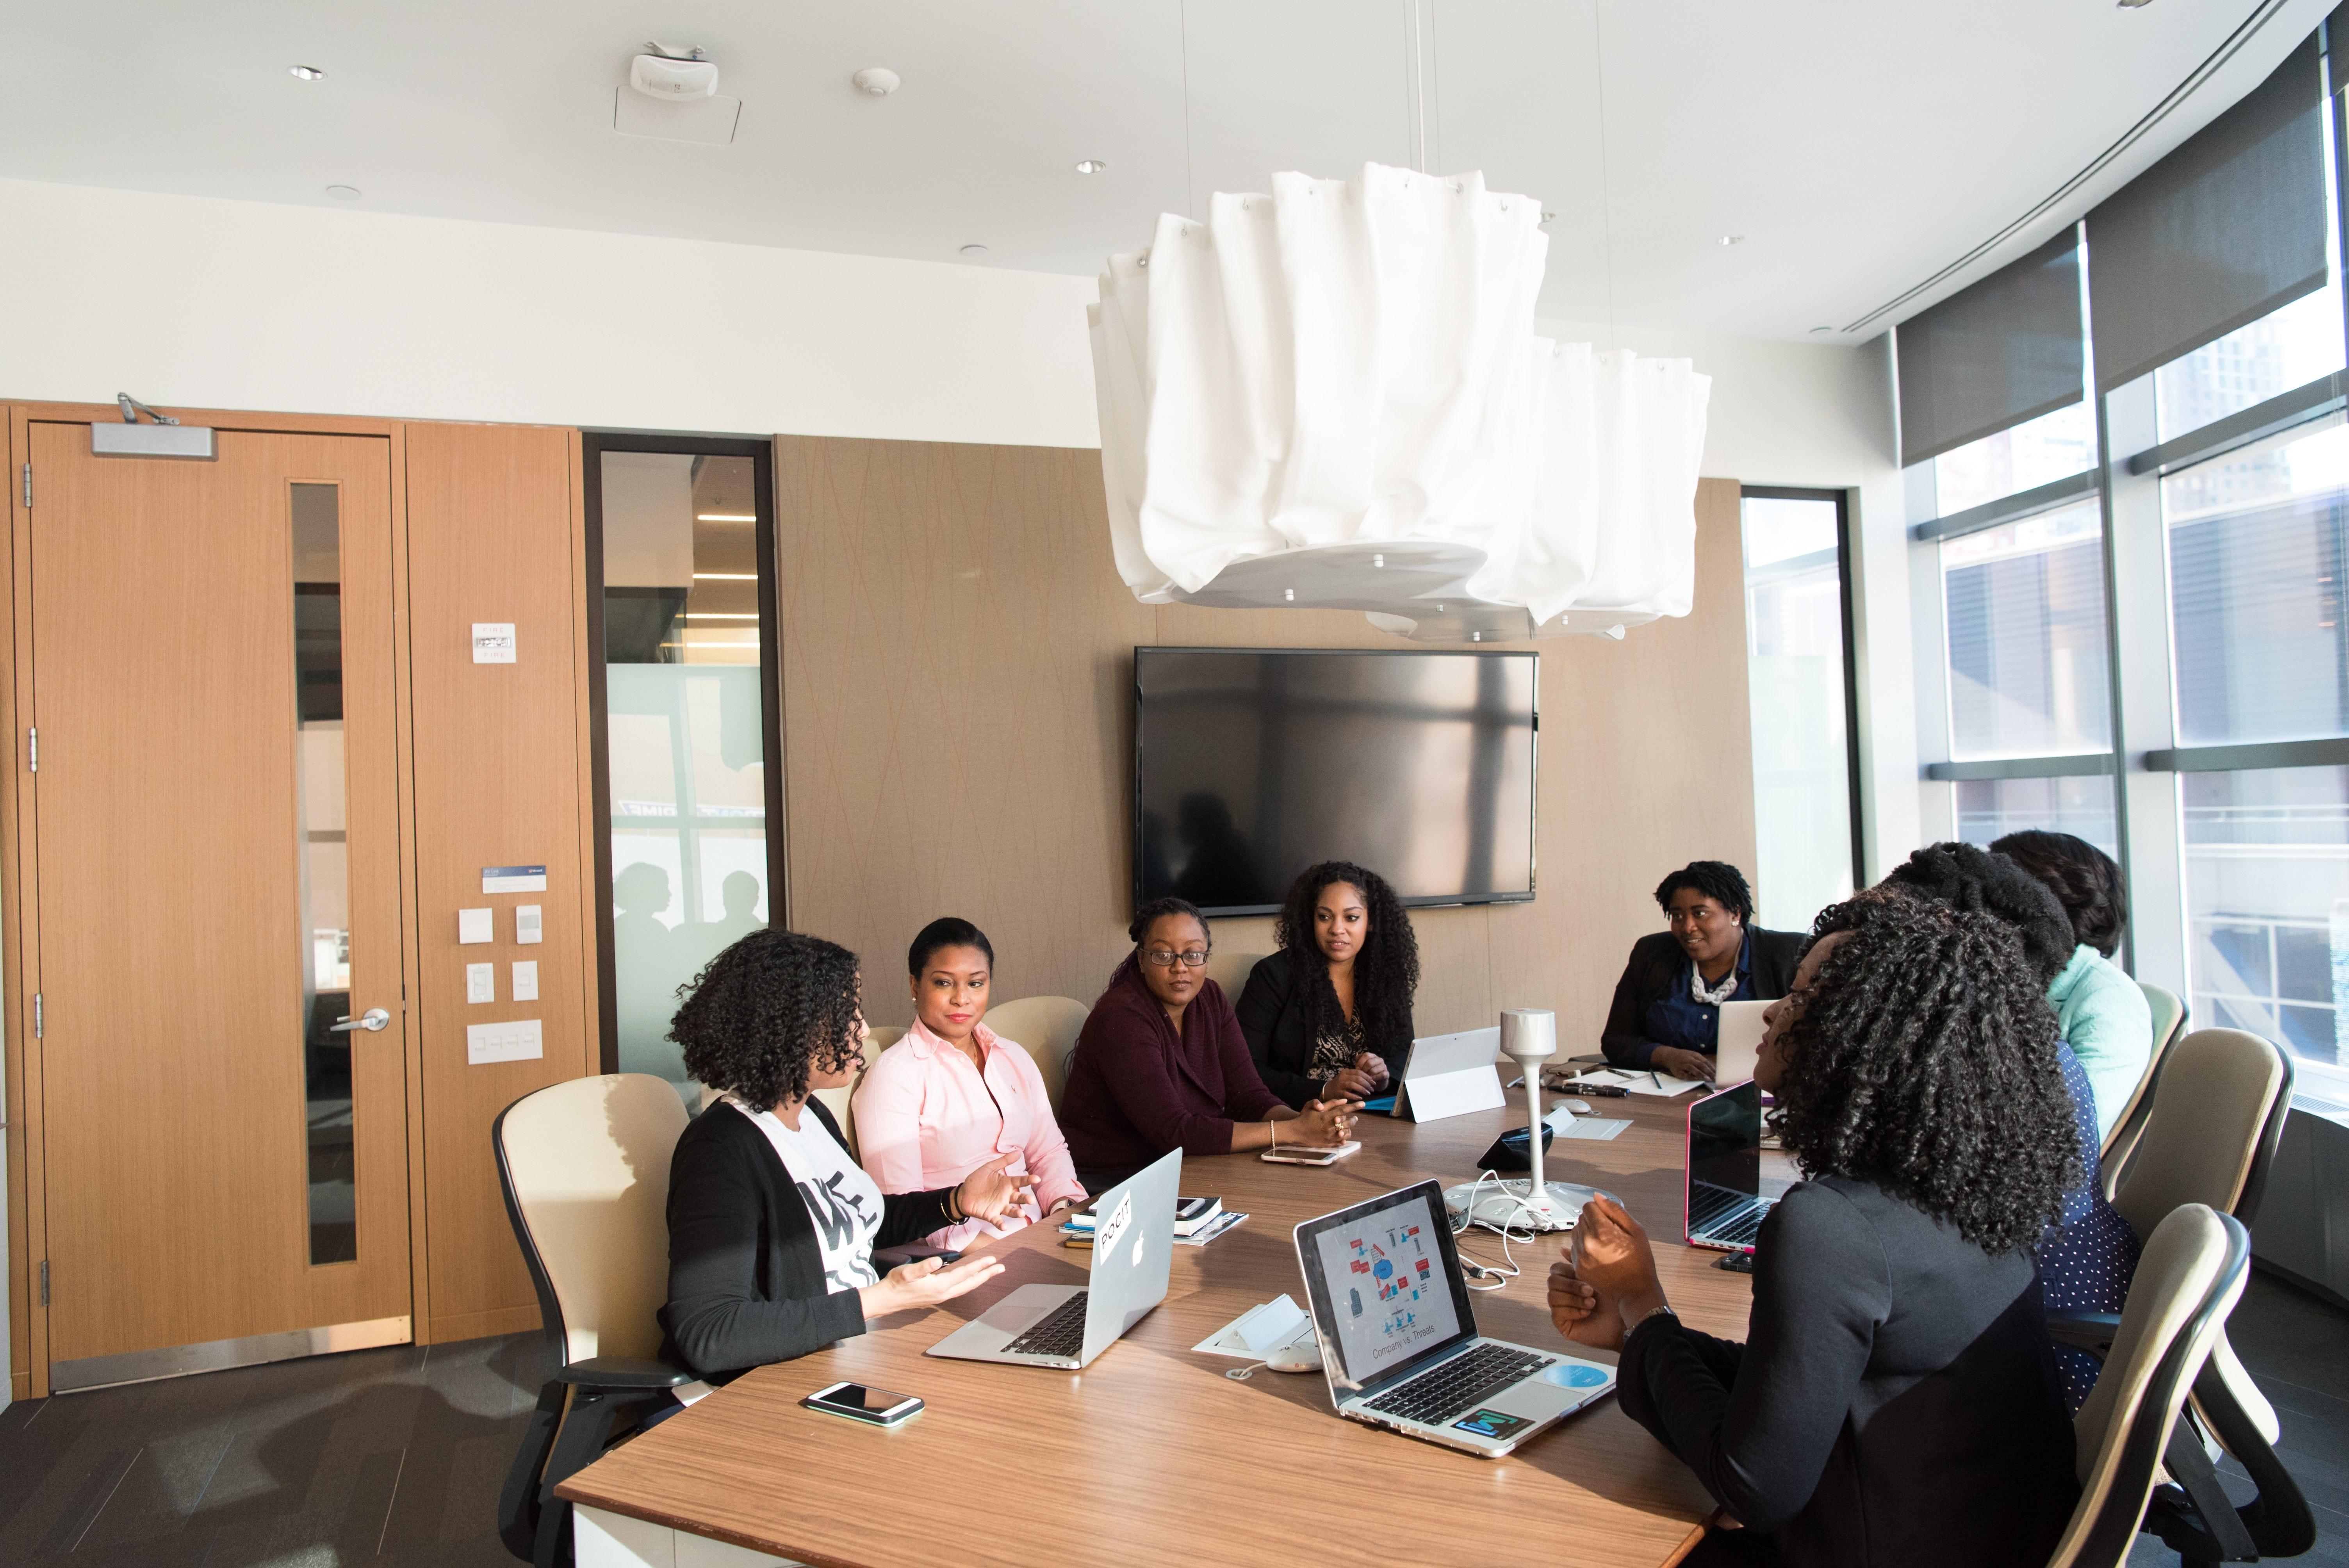 Black women in boardroom.